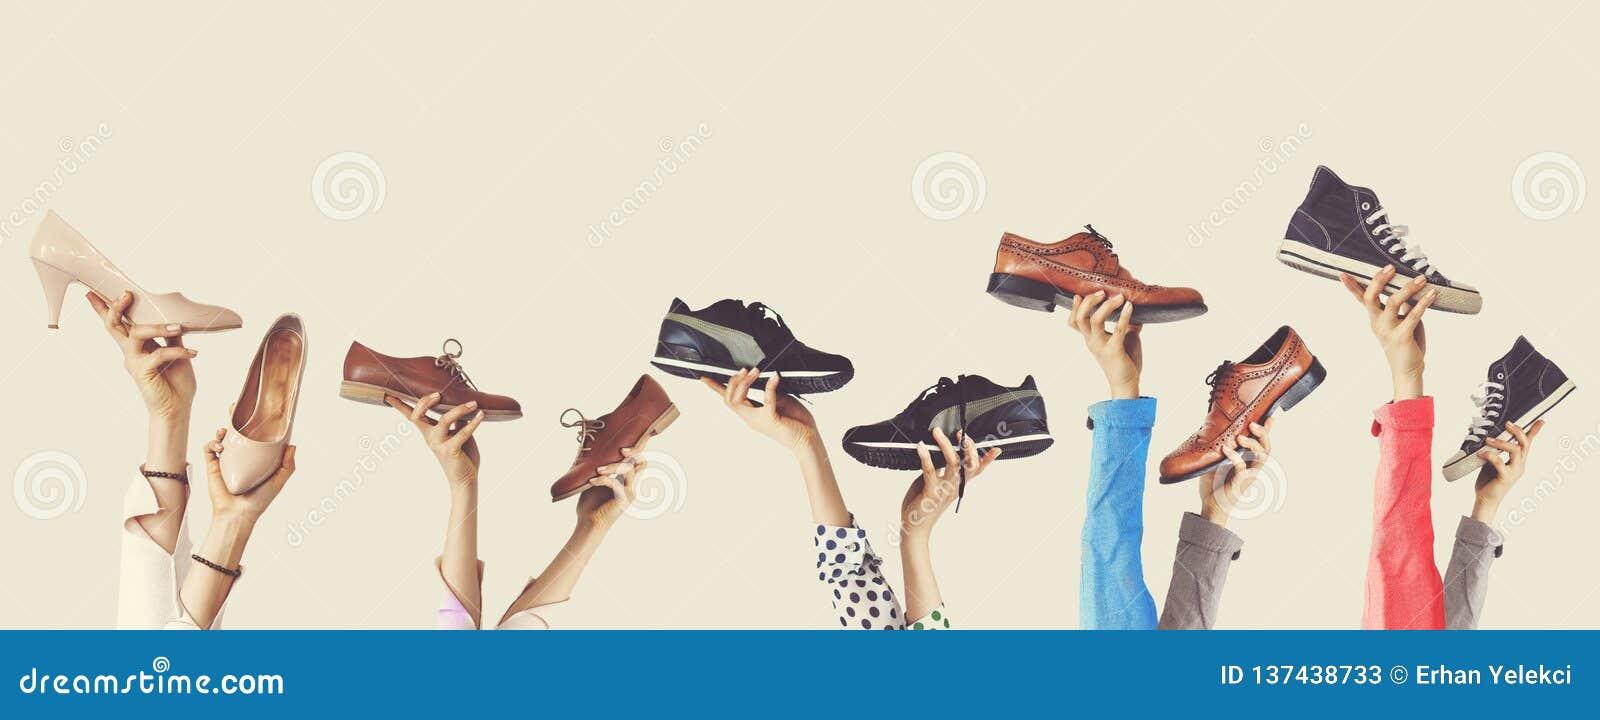 Handen die verschillende schoenen op geïsoleerde achtergrond houden